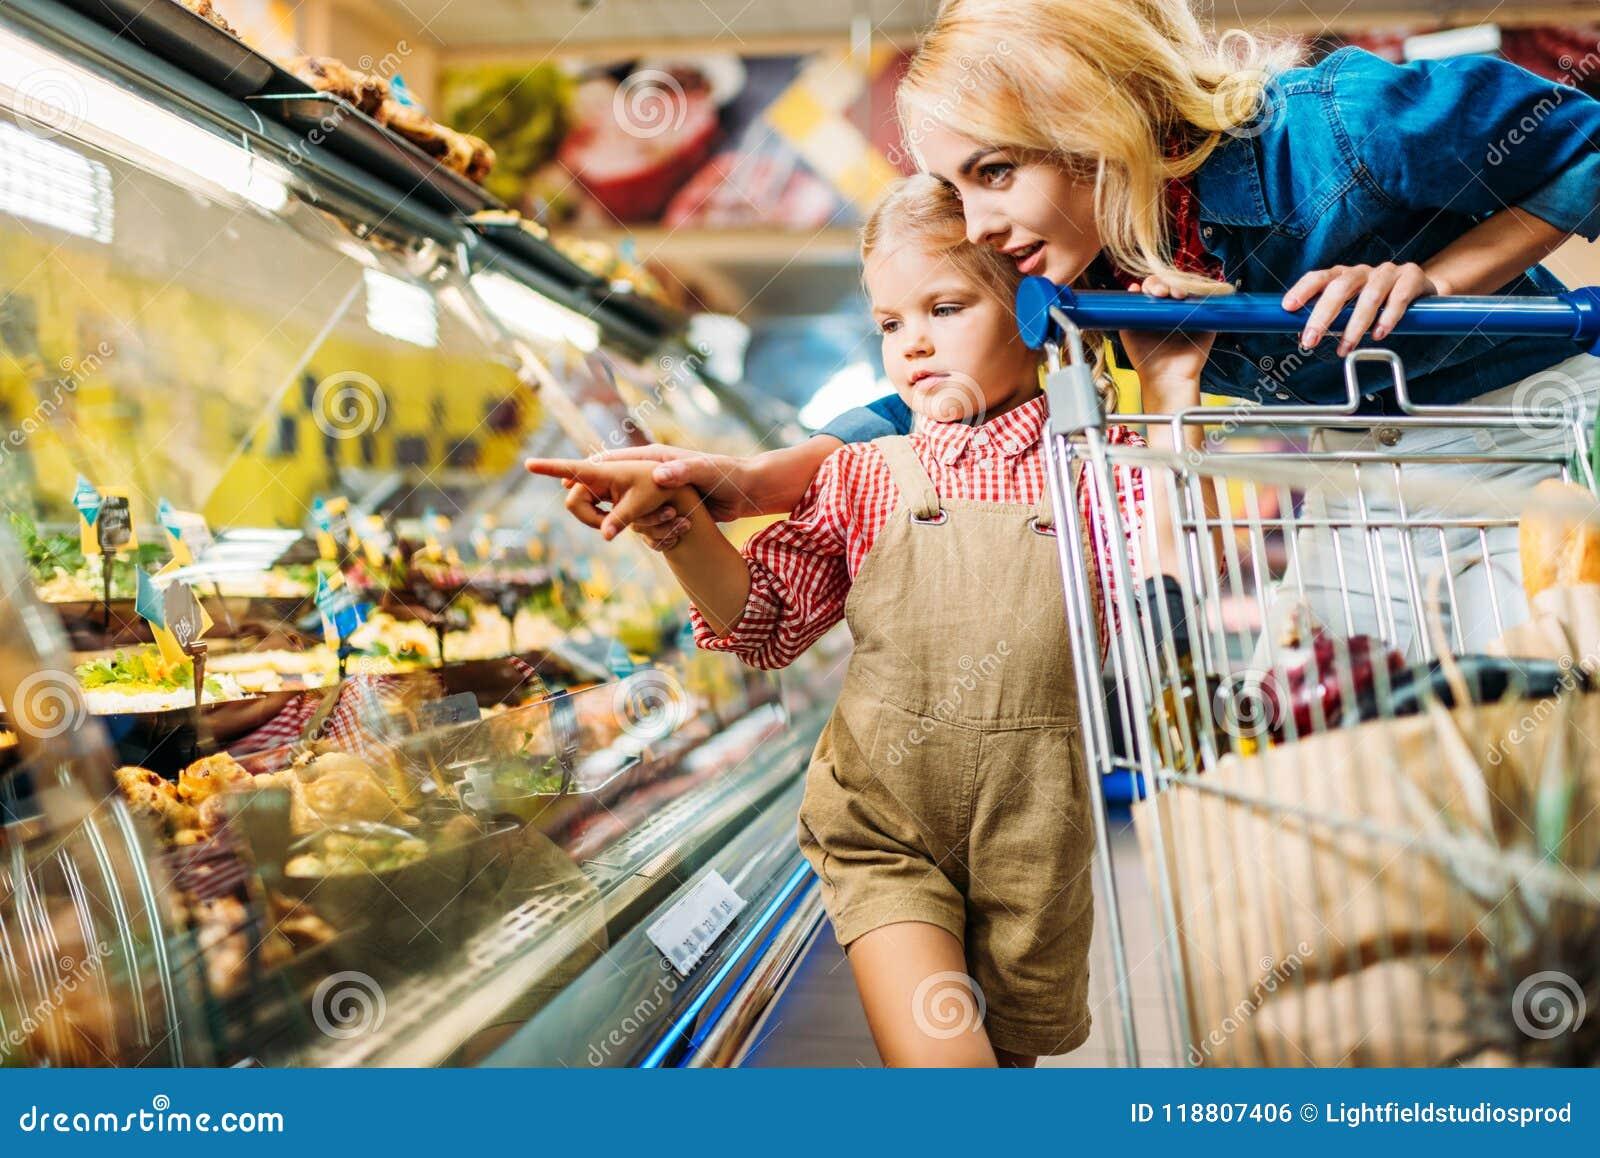 Madre e hija hermosas con la carretilla de las compras que elige la comida mientras que hace compras